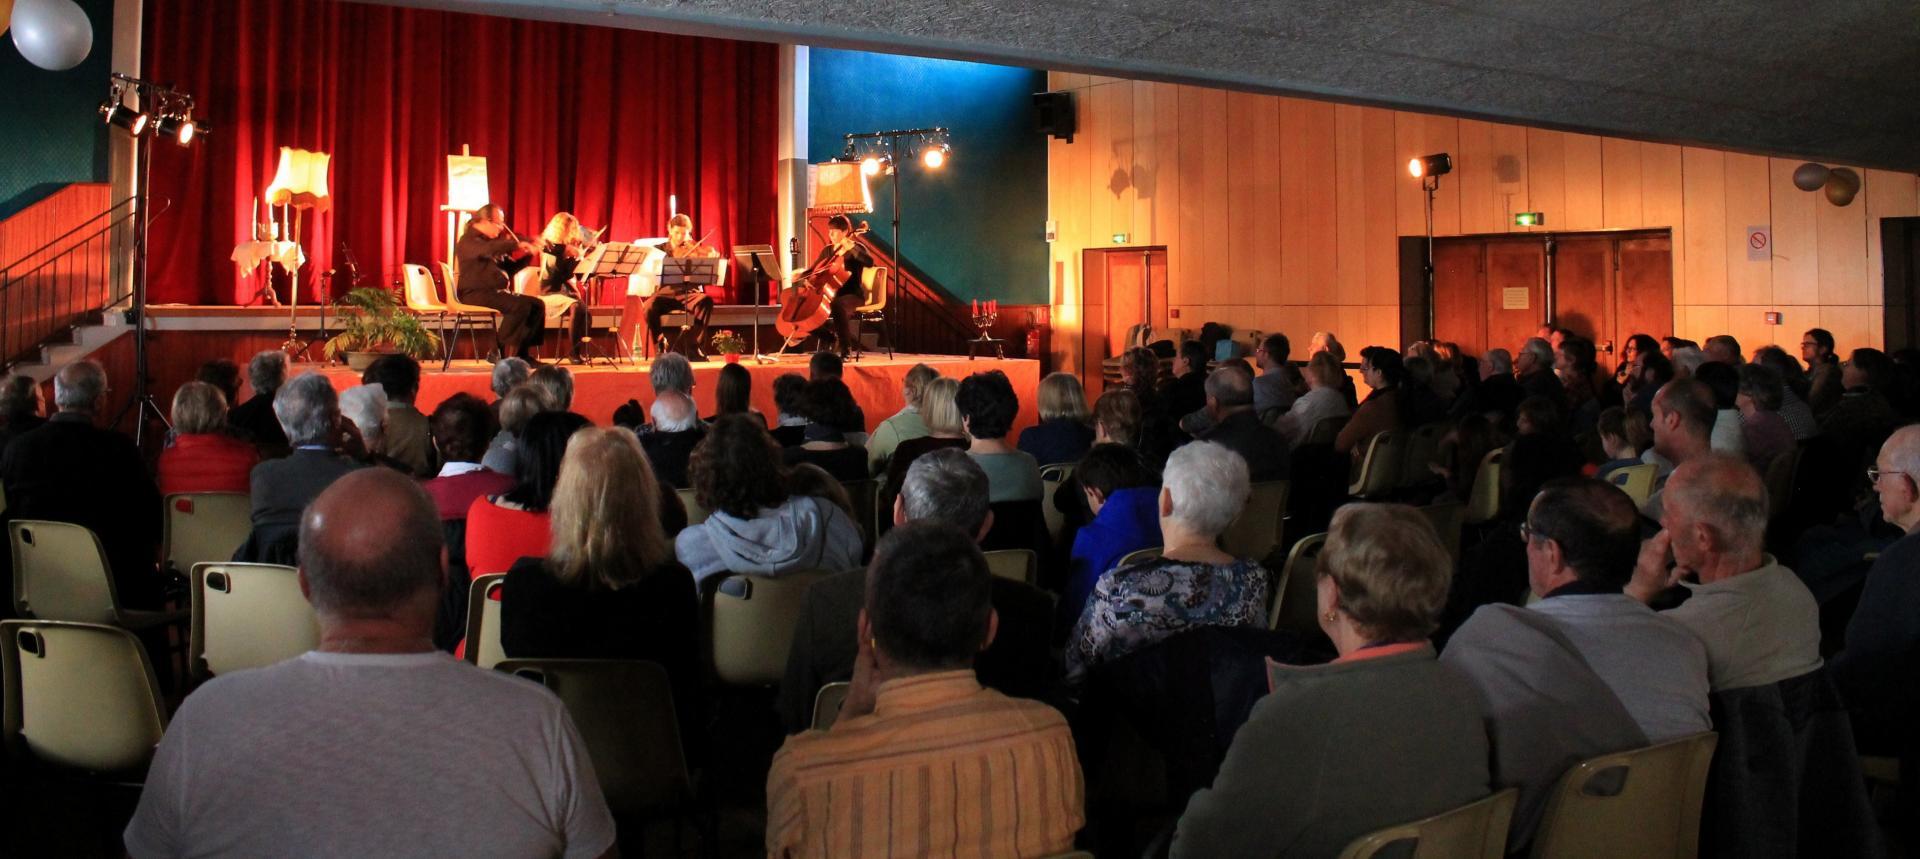 Concert cordes guitare de l'Union Musicale de l'Albarine du  12 mars 2017